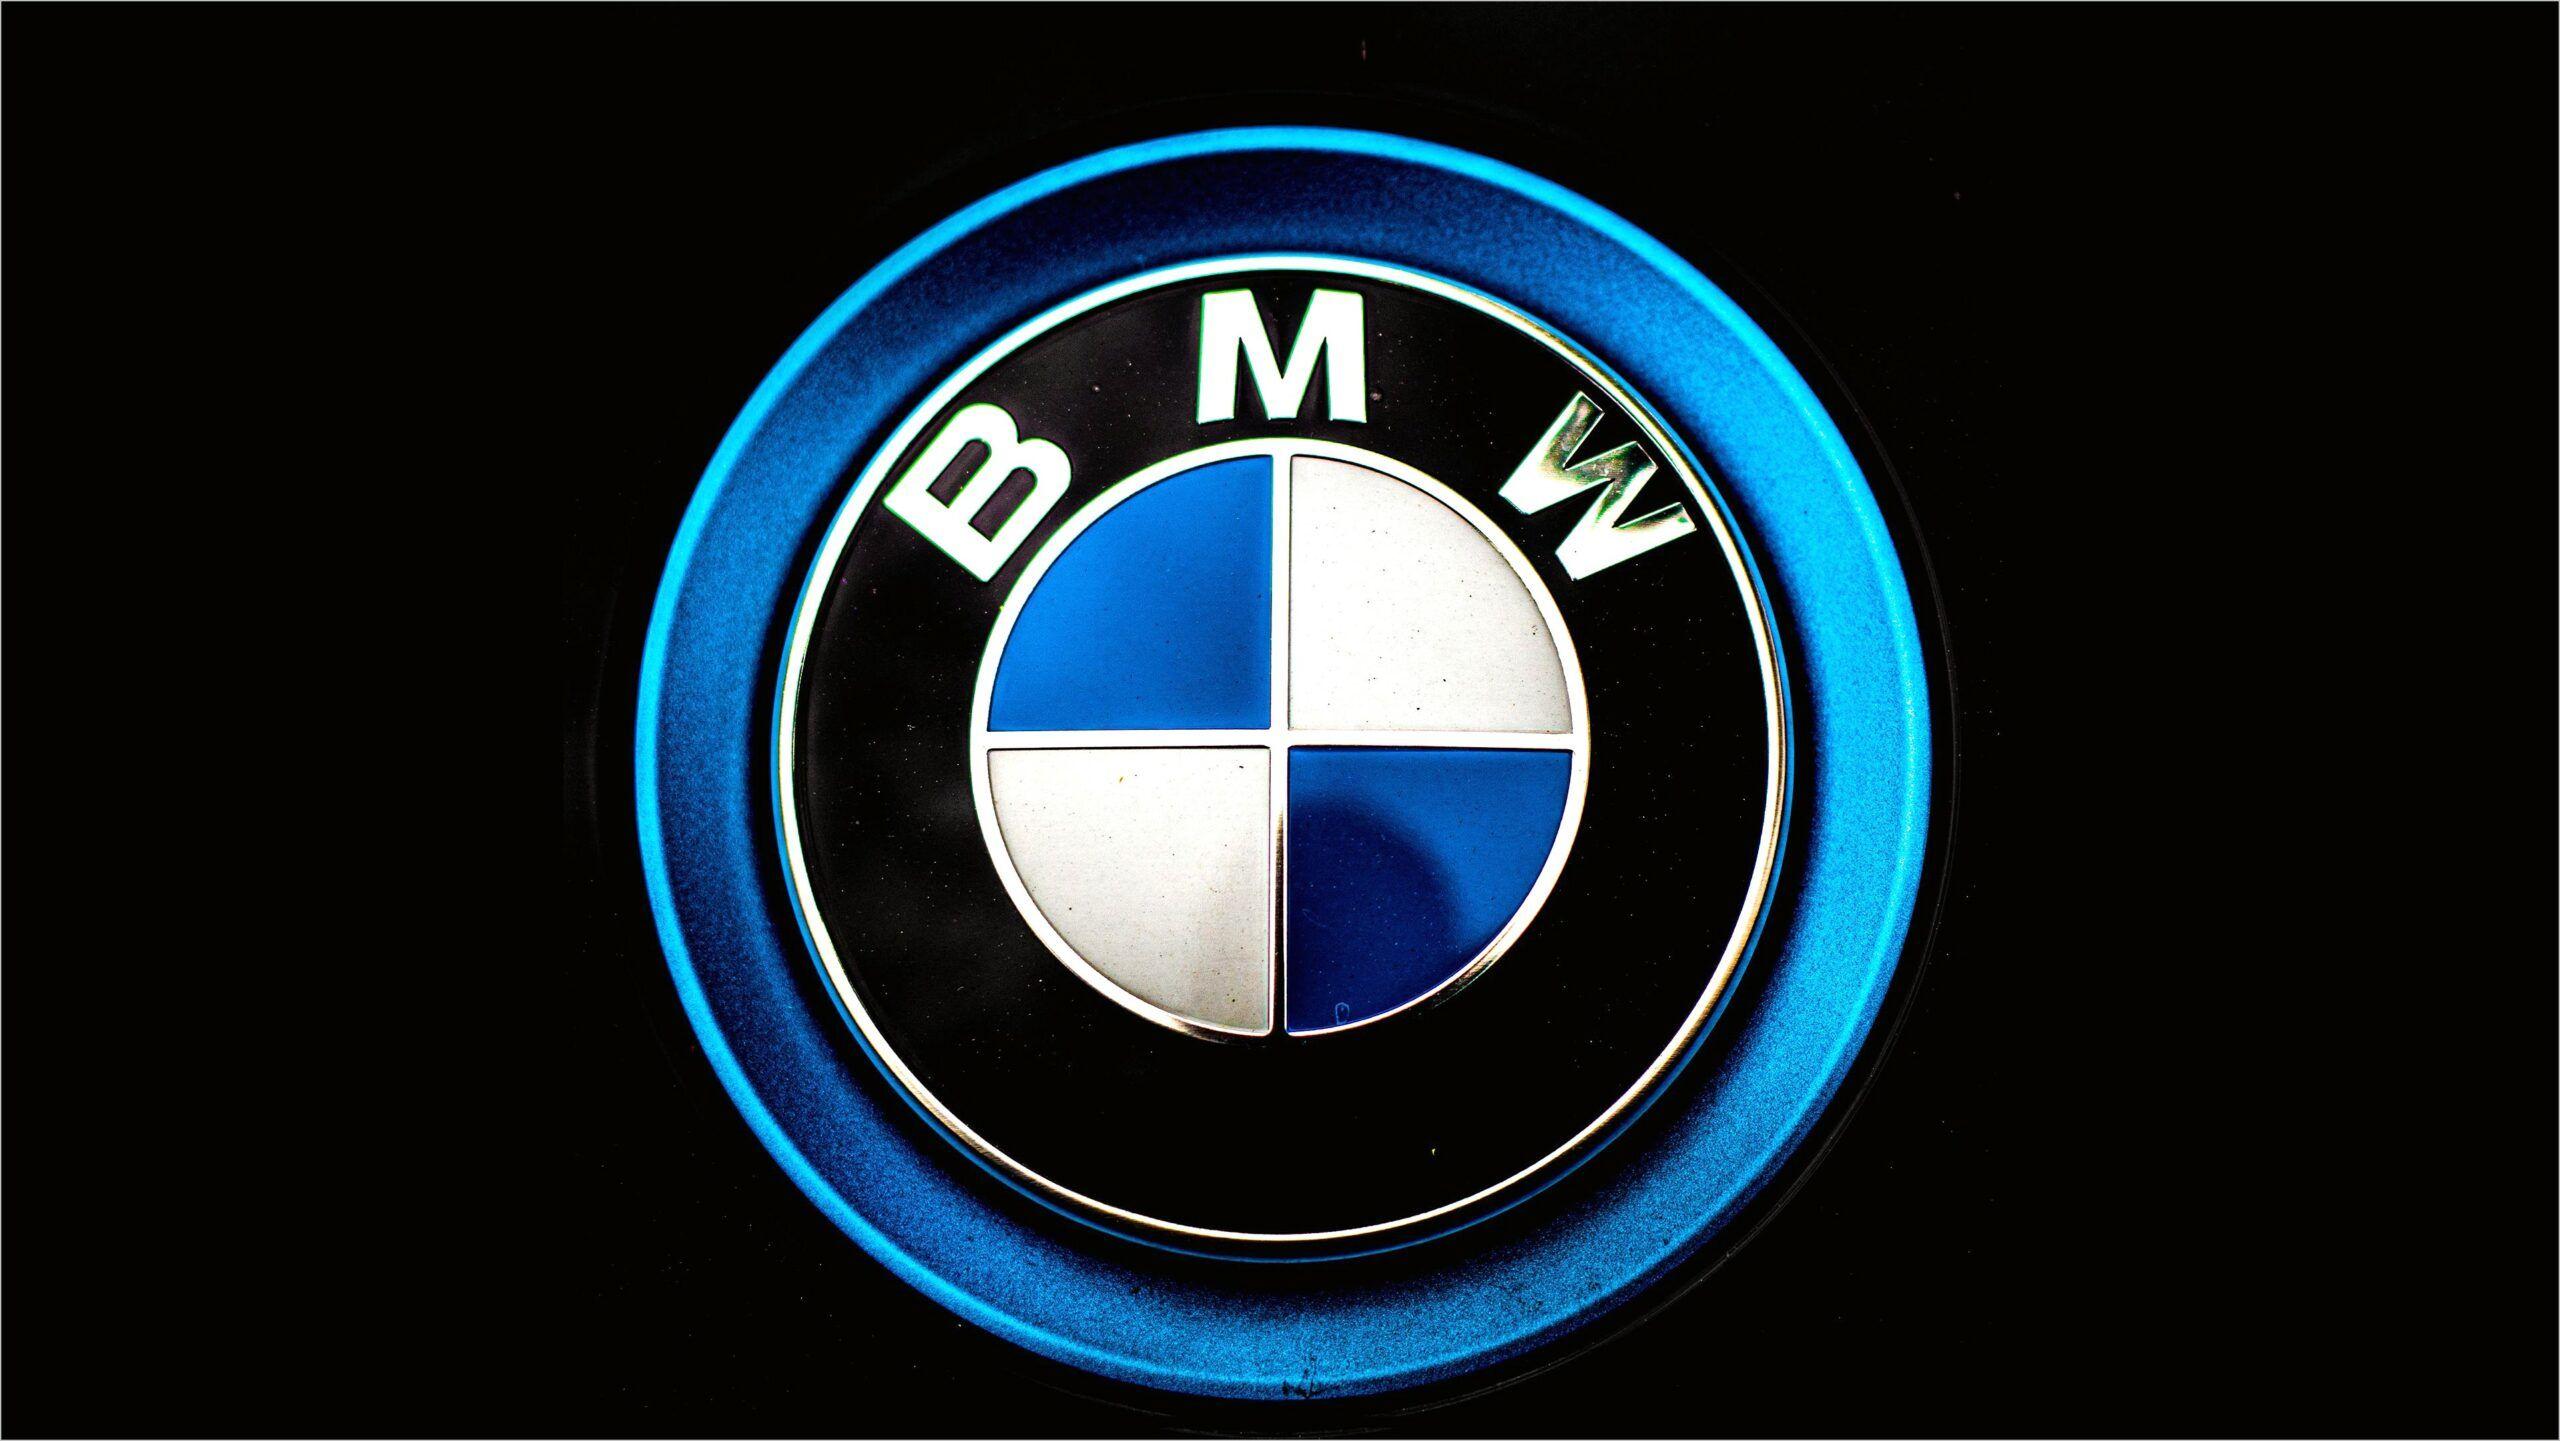 4k Wallpaper Bmw Logo in 2020 Bmw logo, Bmw, Logos